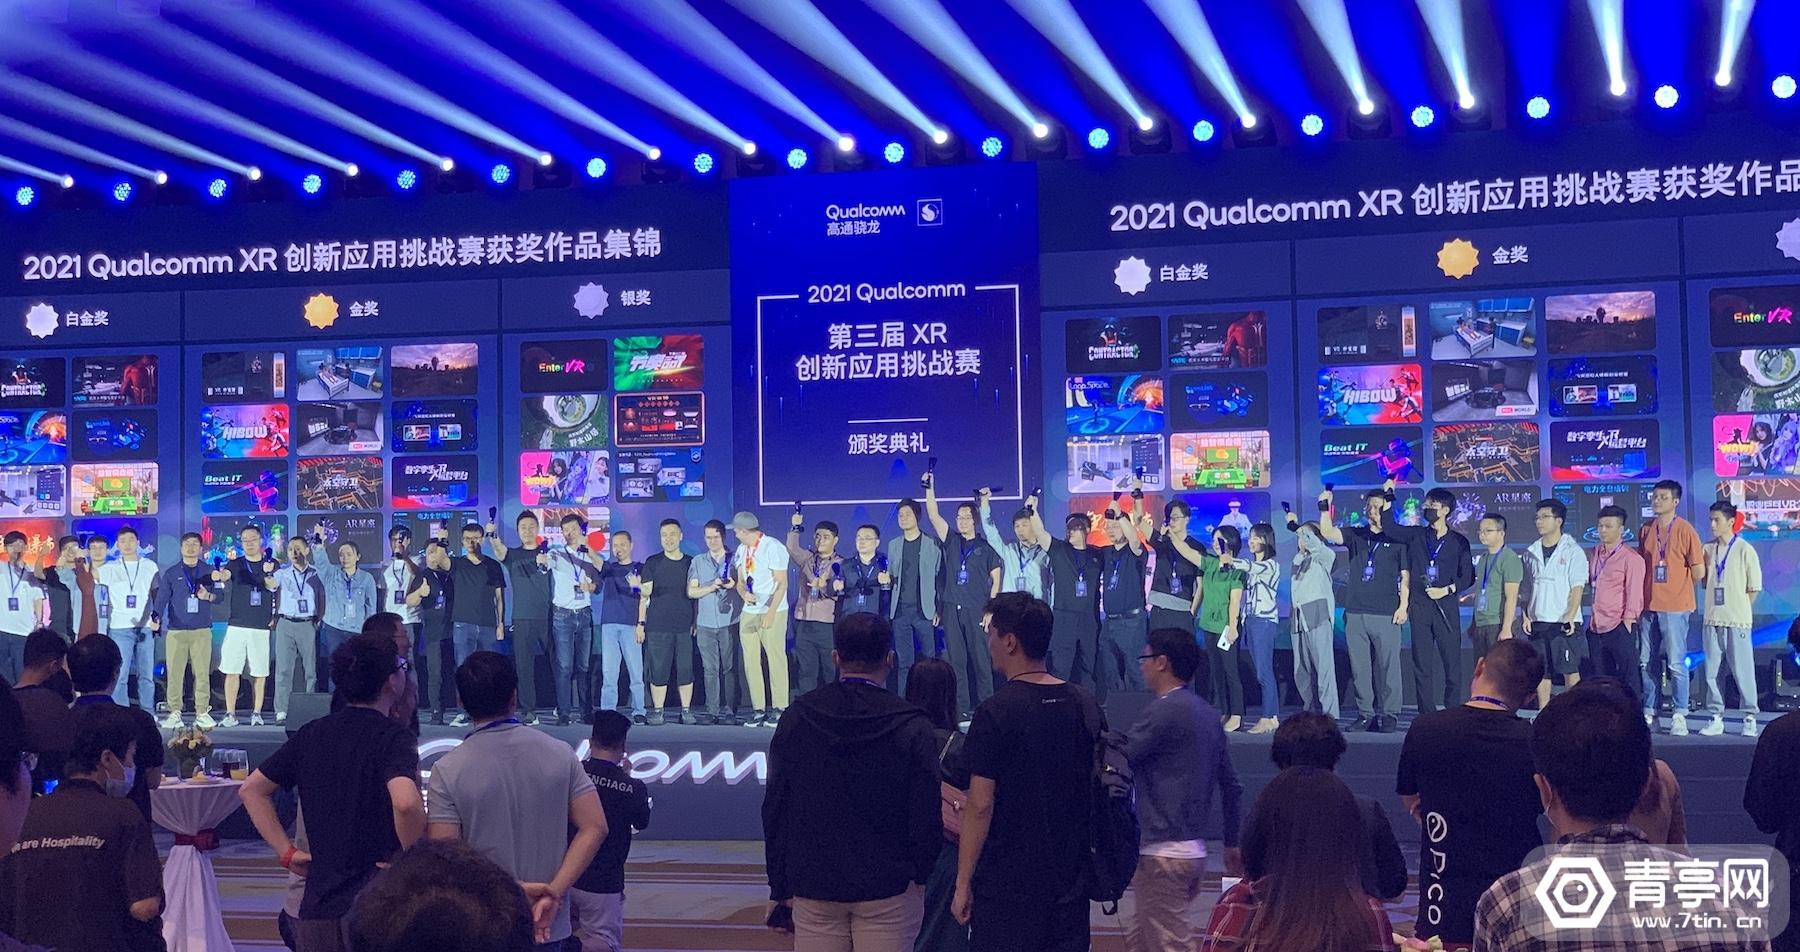 2021 Qualcomm XR 创新应用挑战赛获奖名单及获奖作品介绍